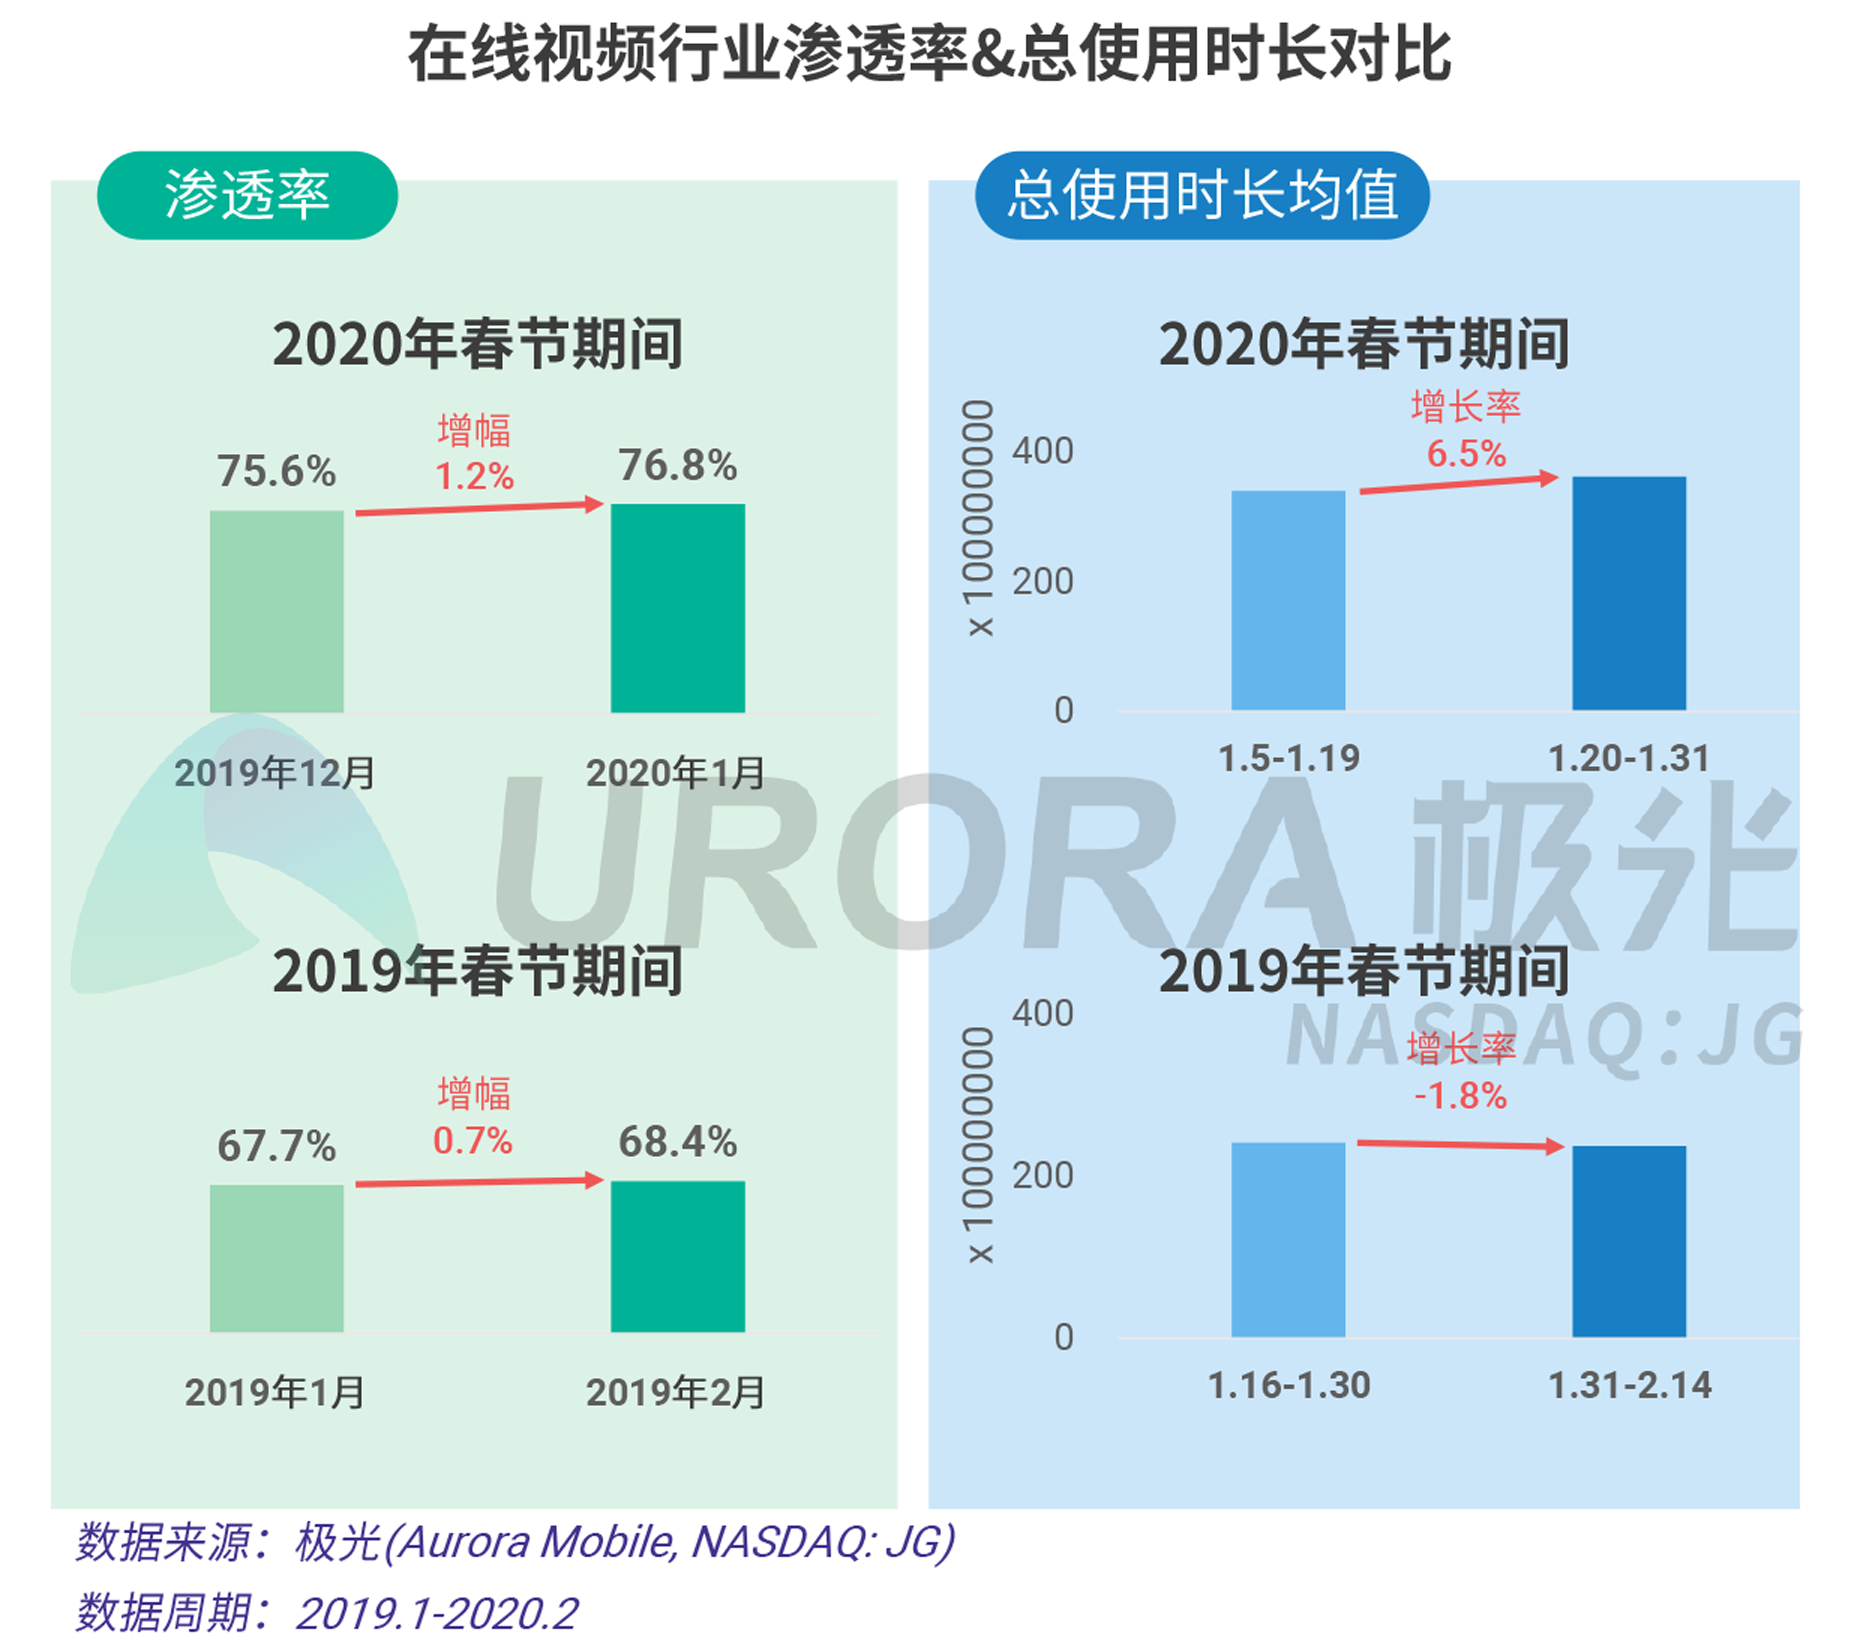 2020年春节移动互联行业热点观察V20-15.png